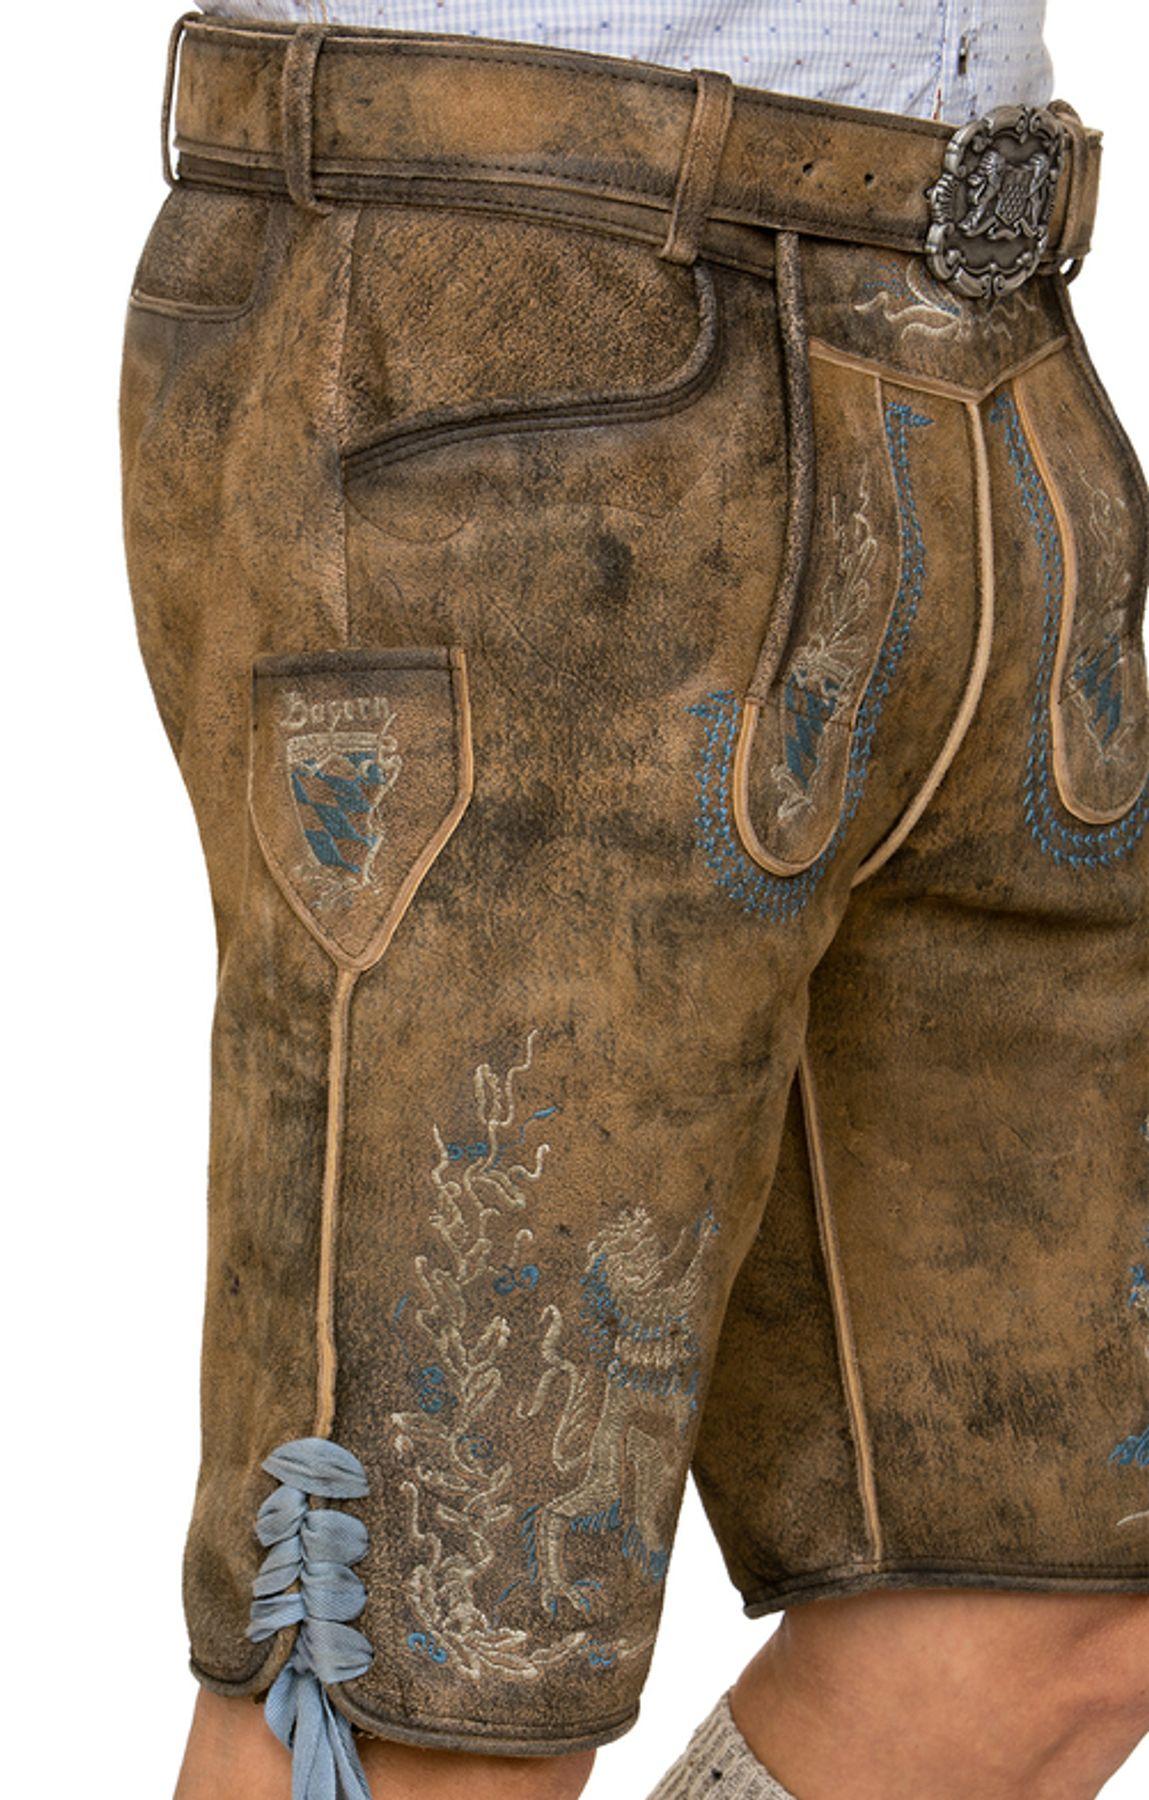 Stockerpoint - Herren Trachten Lederhose mit Gürtel, in Hanf gespeckt, Bayern-Bua – Bild 4